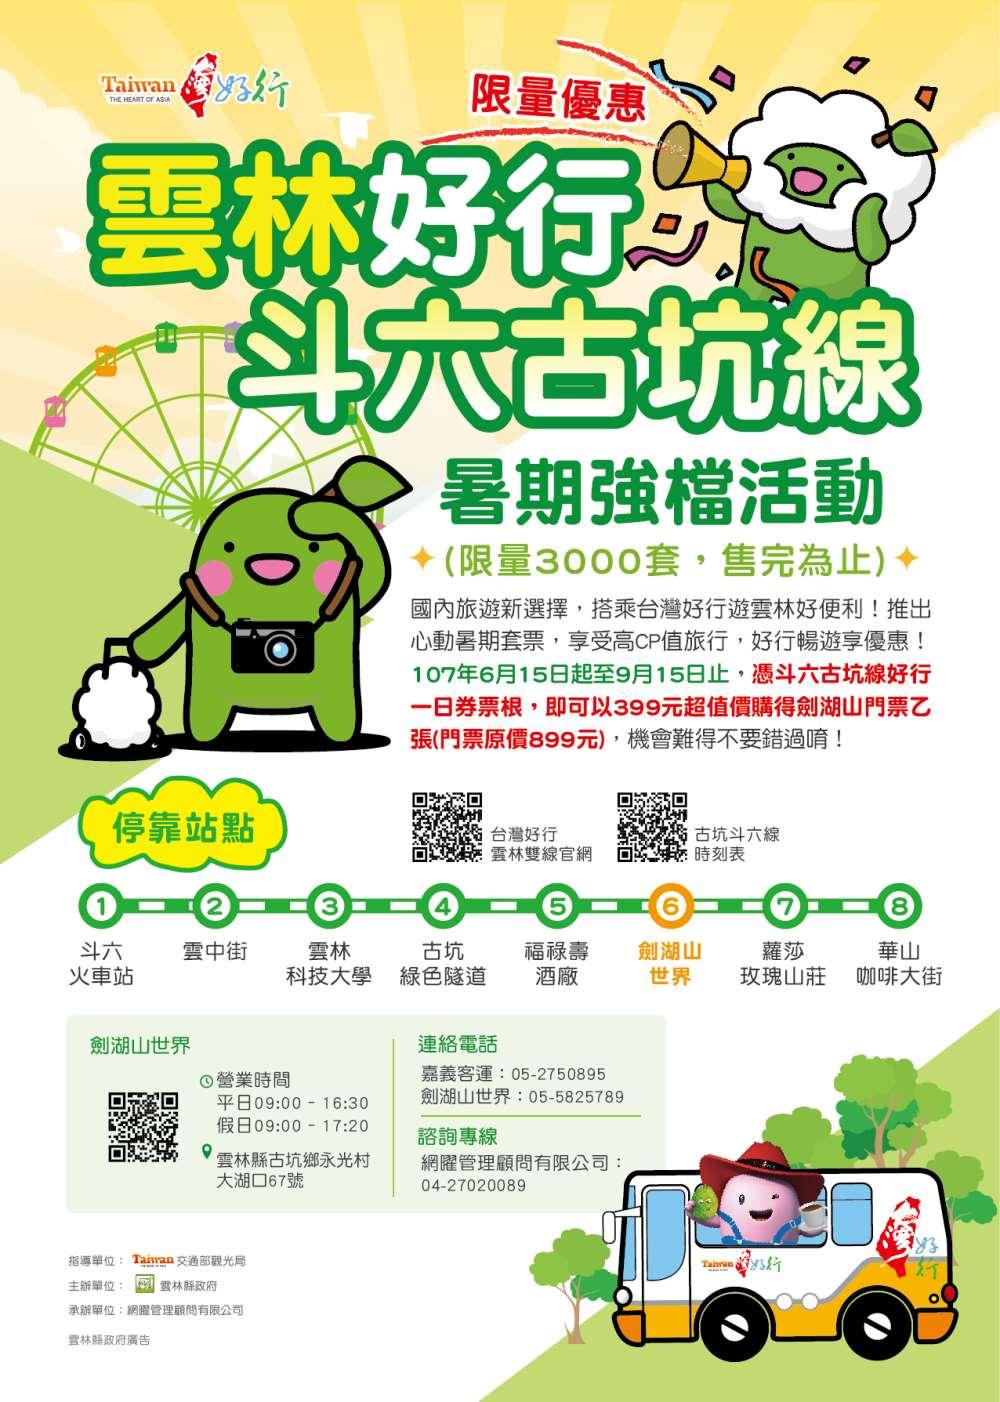 搭乘台灣好行遊雲林好便利!推出心動暑期一日票